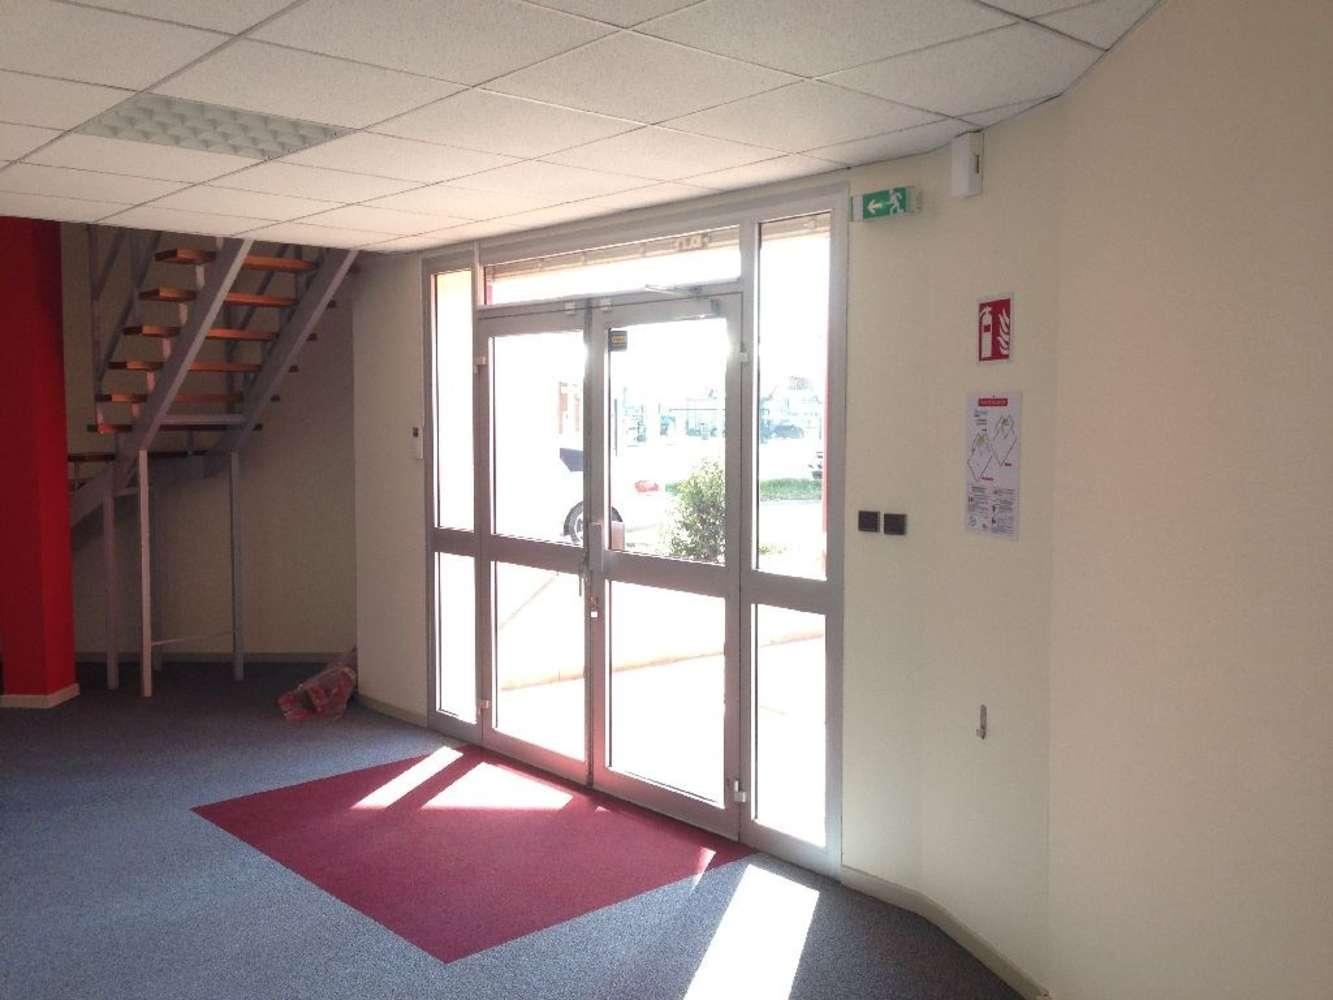 Activités/entrepôt Vienne, 38200 - Locaux d'activité - Proximité Lyon (69) - 9455798